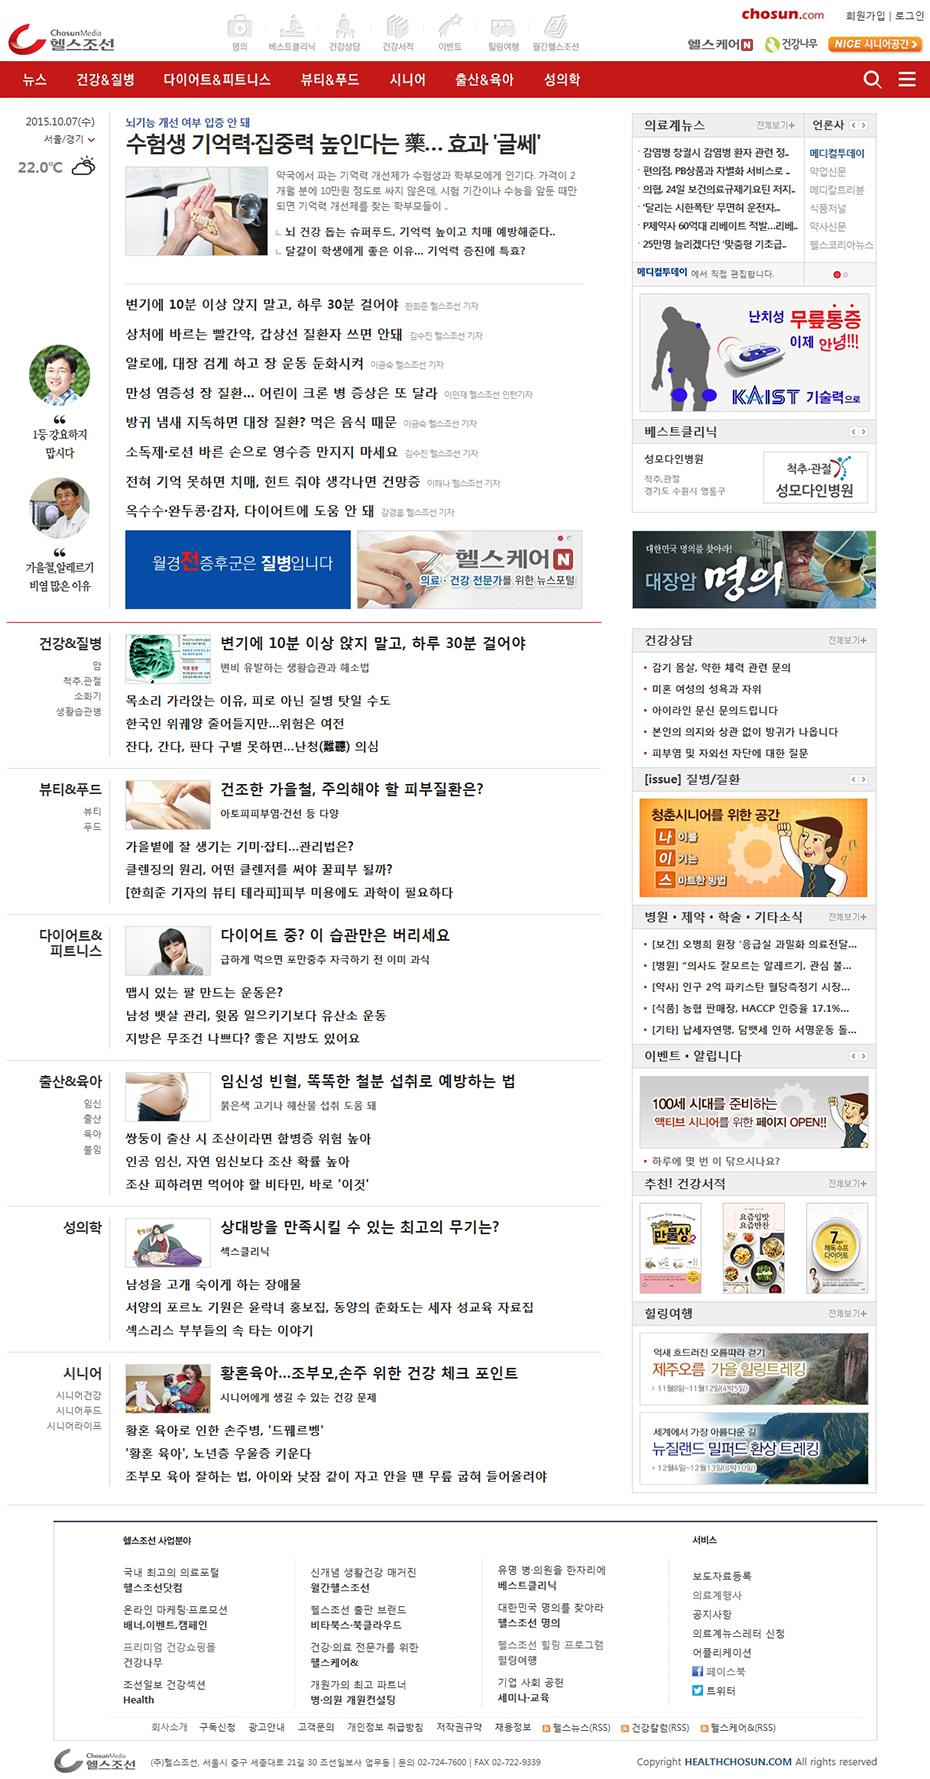 2015년 헬스조선닷컴